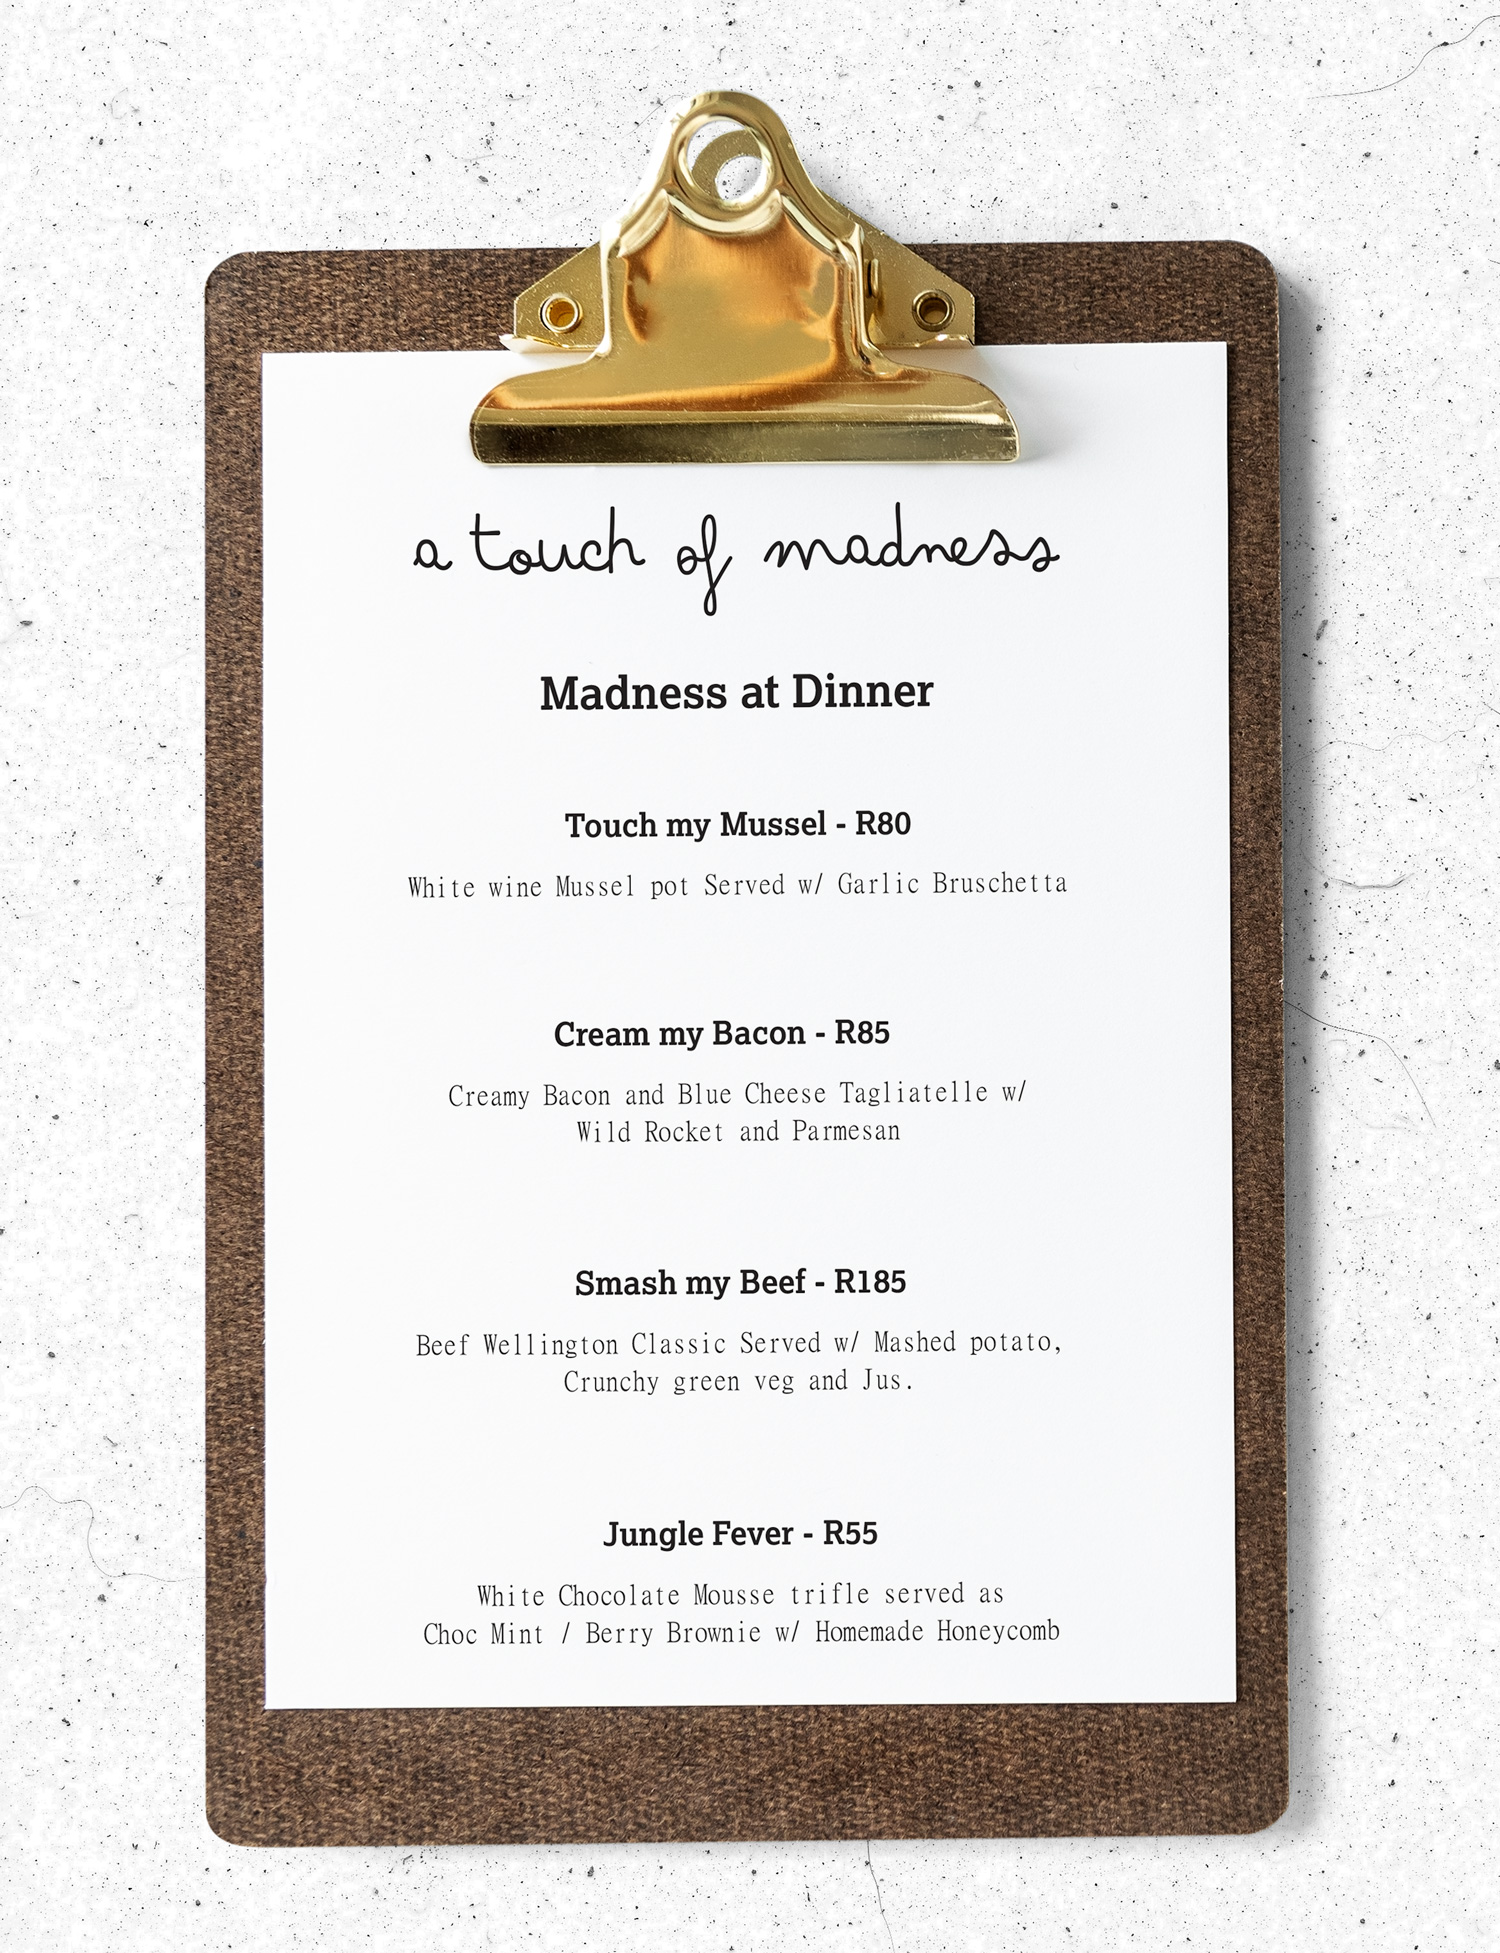 Madness-at-dinner.jpg